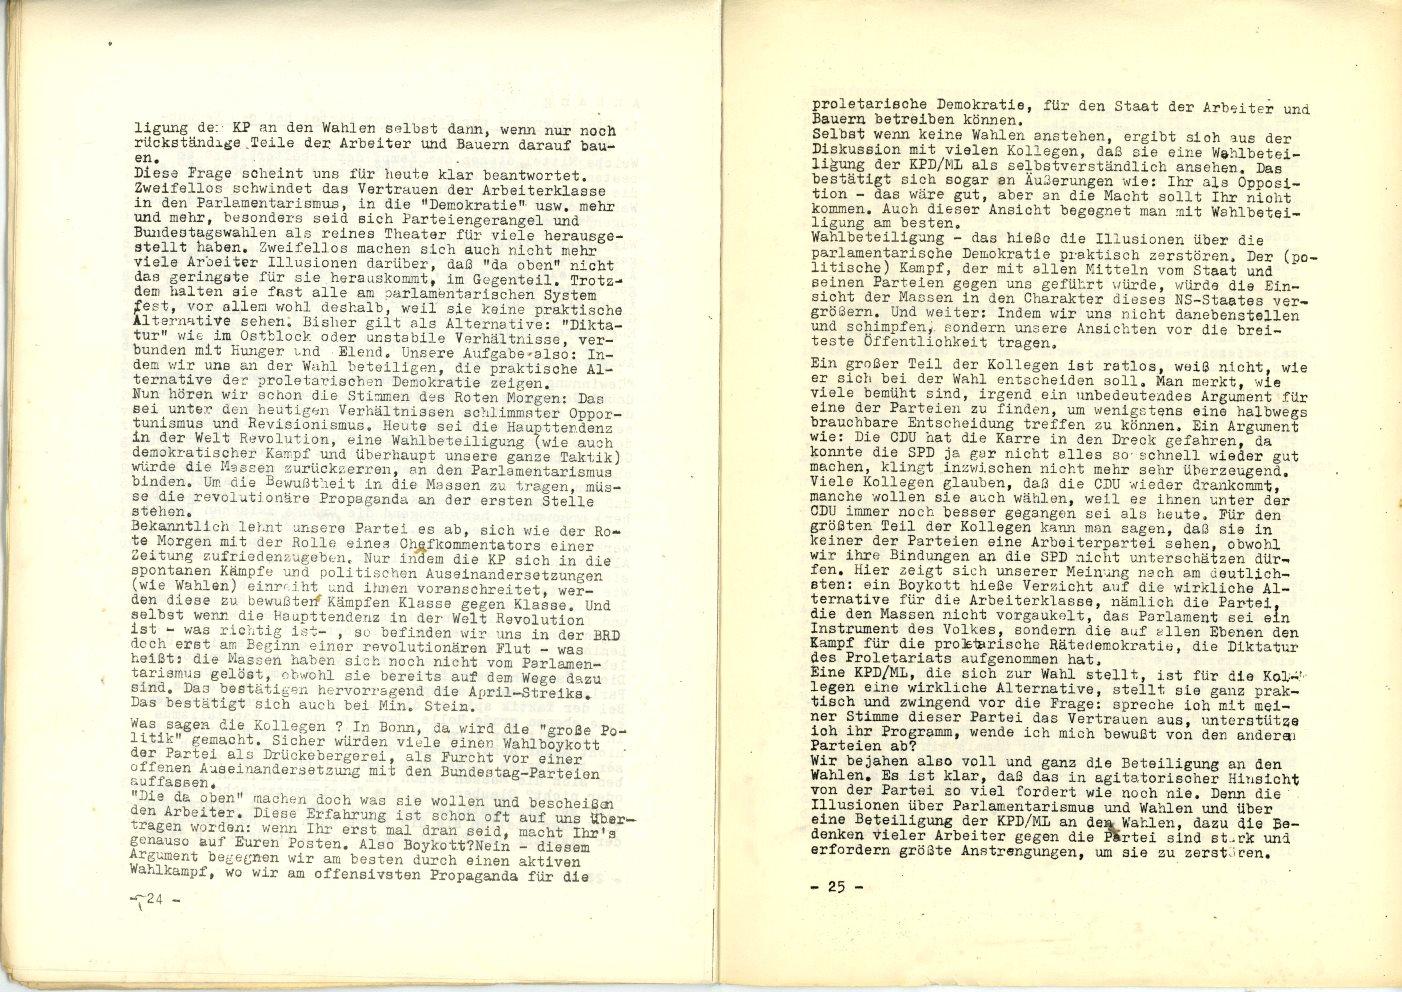 ZB_Rahmenplan_19720804_14